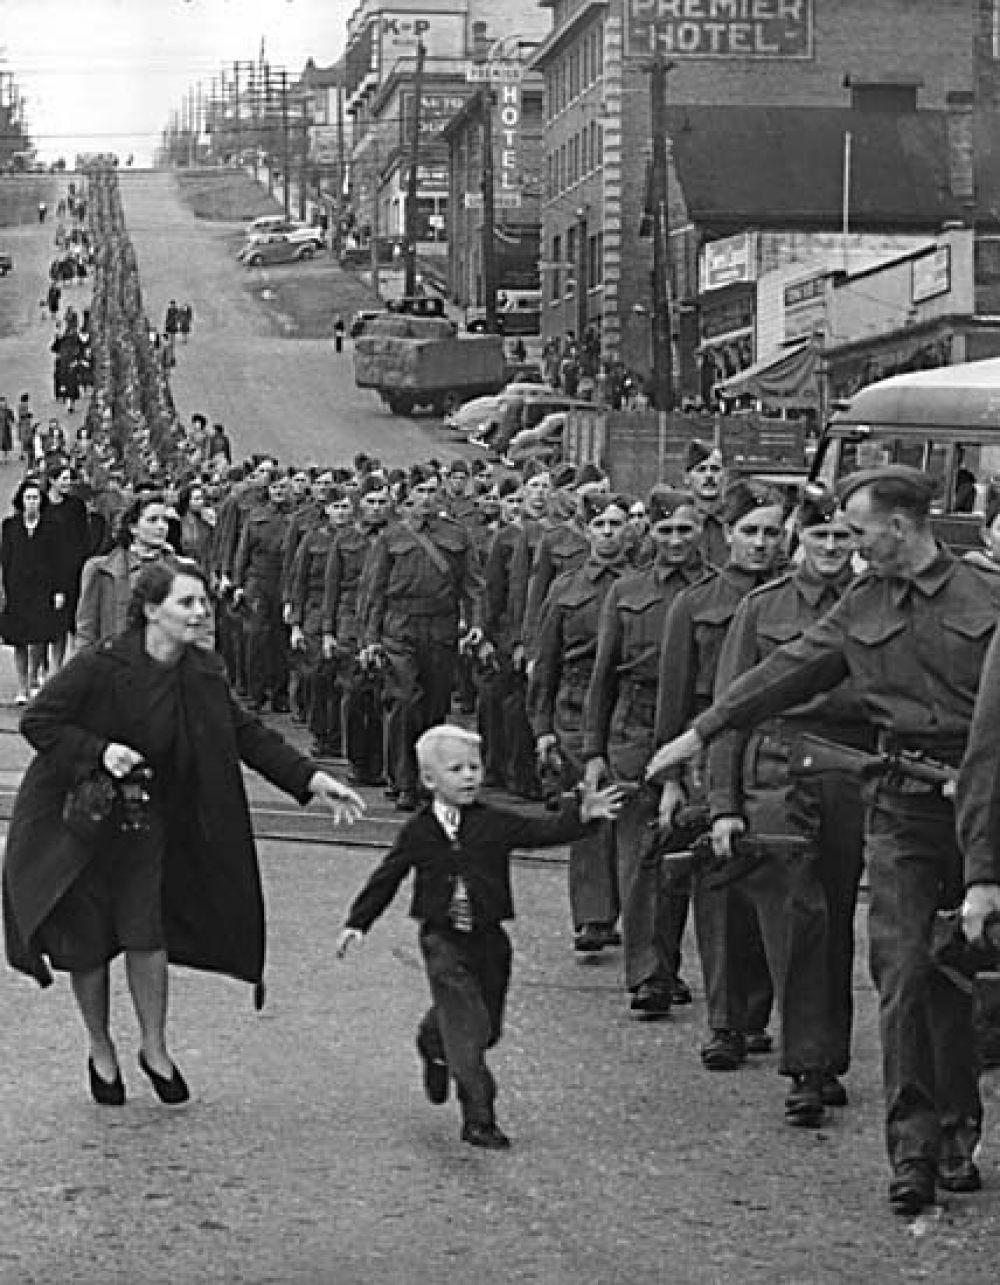 «Подожди меня, папа» — фотография марша полка Британской Колумбии в Нью-Уэстминстере в Канаде, сделанная Клодом П. Деттлоффом 1 октября 1940 года. Пока Клод делал снимок, пятилетний Уоррен Бернард убежал от своей матери к отцу, рядовому Джеку Бернару, с криком «Подожди меня, папа».